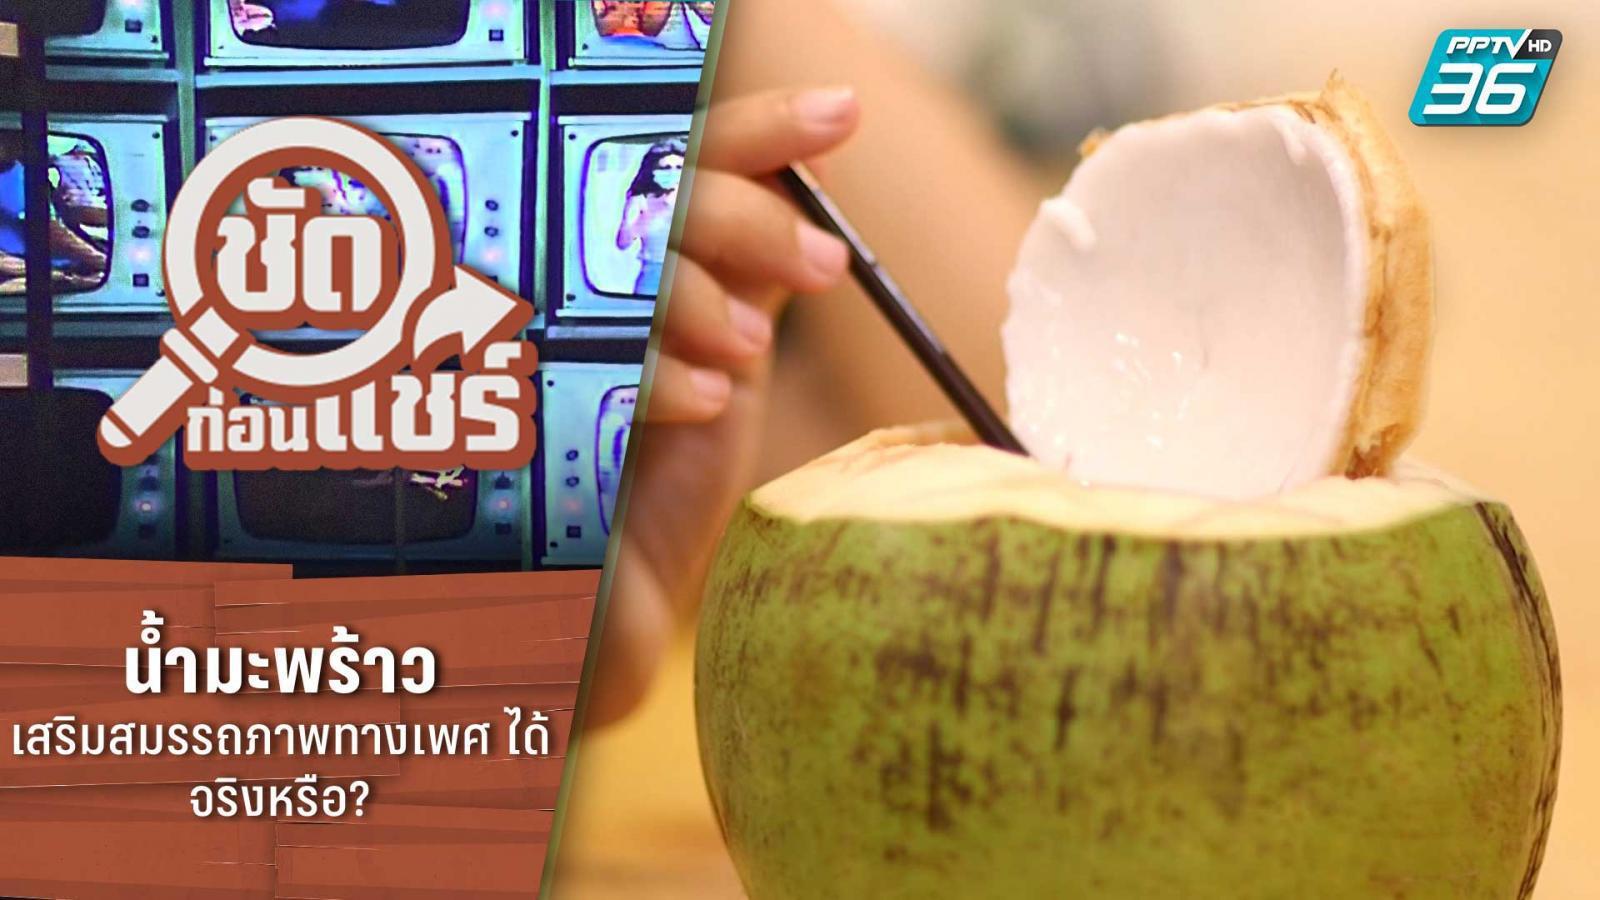 ชัดก่อนแชร์ | น้ำมะพร้าวเสริมสมรรถภาพทางเพศได้ จริงหรือ? | PPTV HD 36